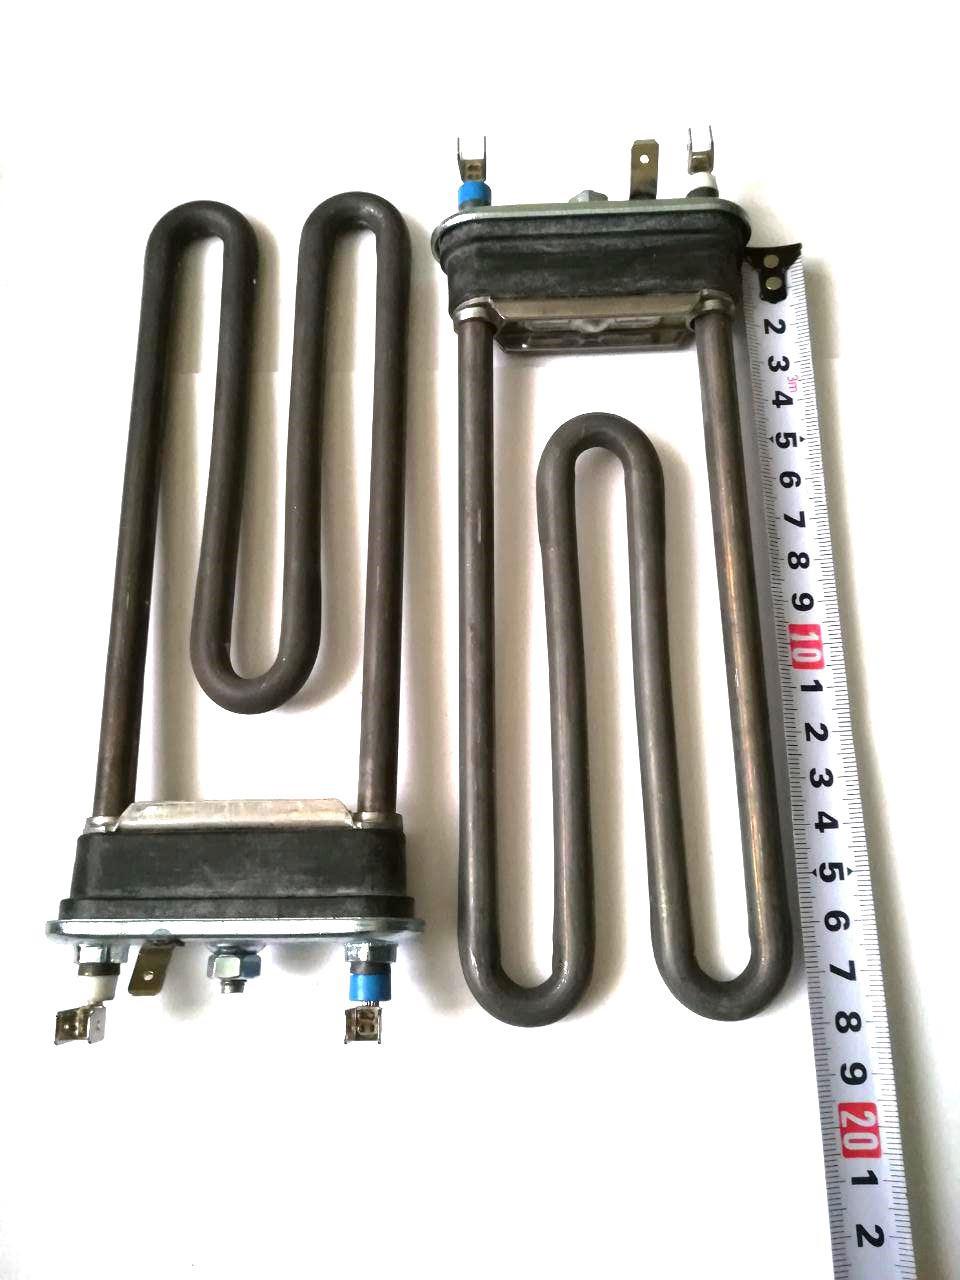 Тэн на стиральную машину 1500W / L=182мм (без отверстия под датчик)  / Thermowatt (Италия)